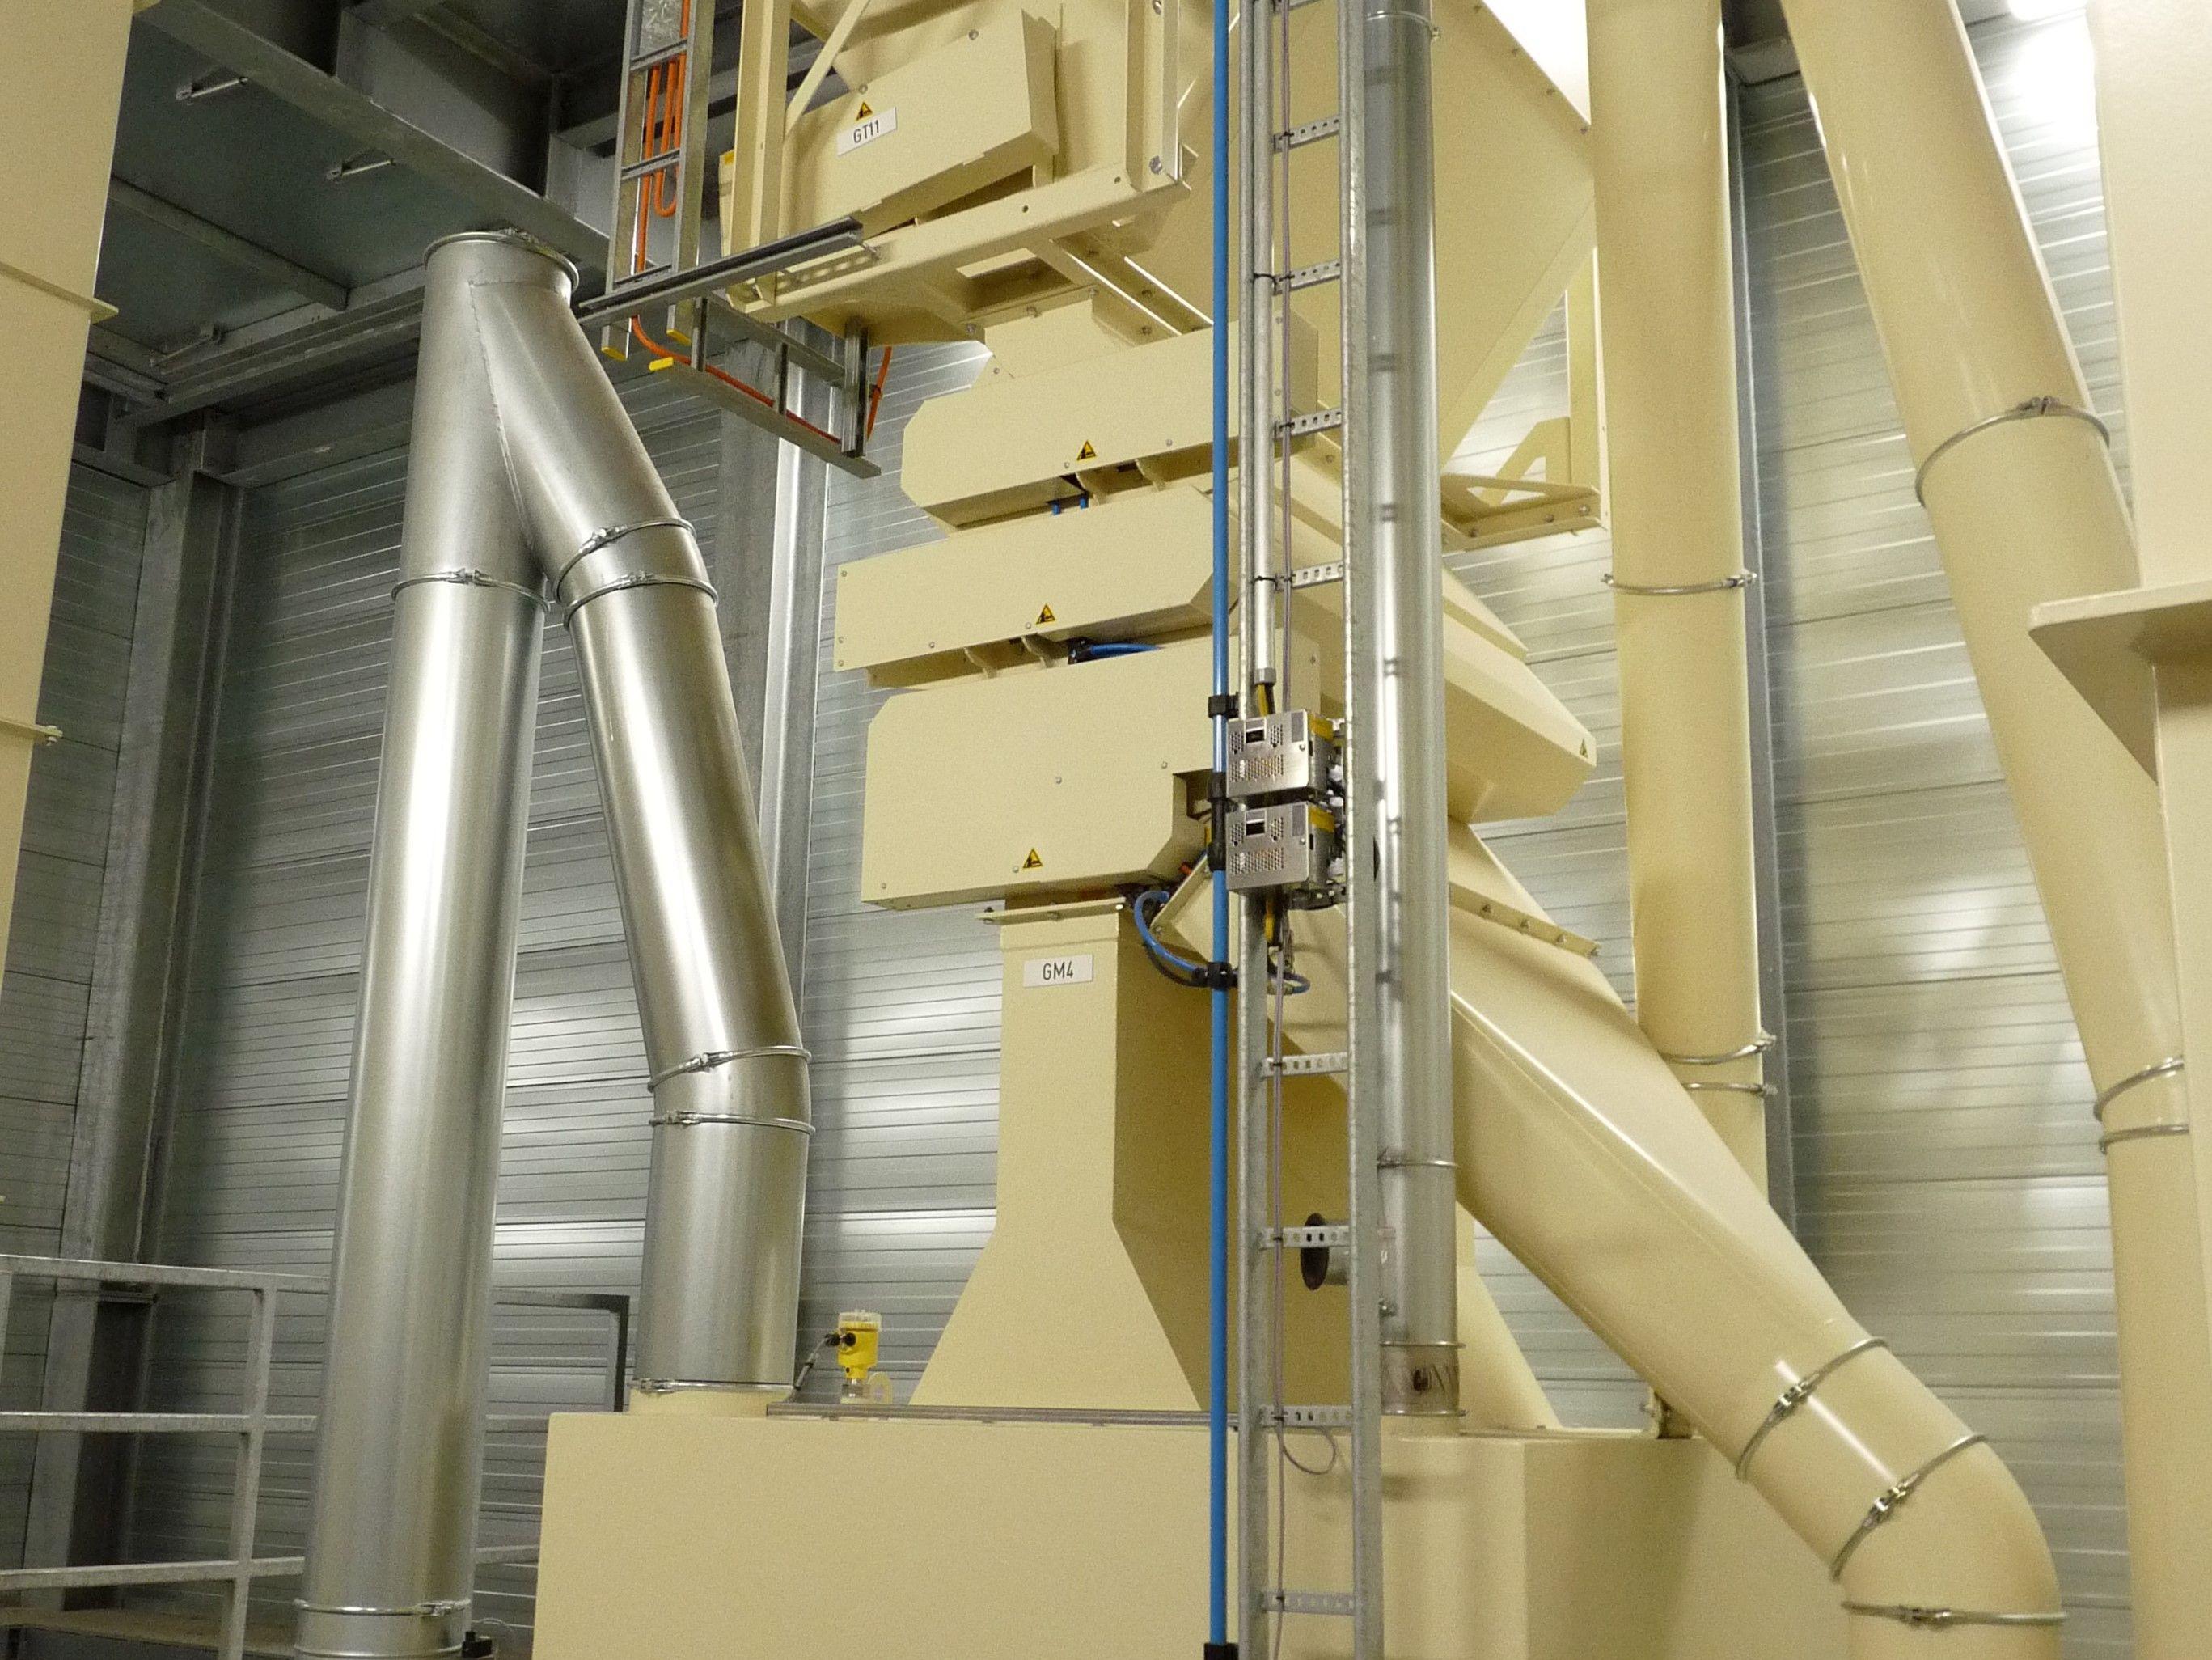 Reinigen en Zeven - Cascade magneet - Poeth Solids Processing - Tegelen